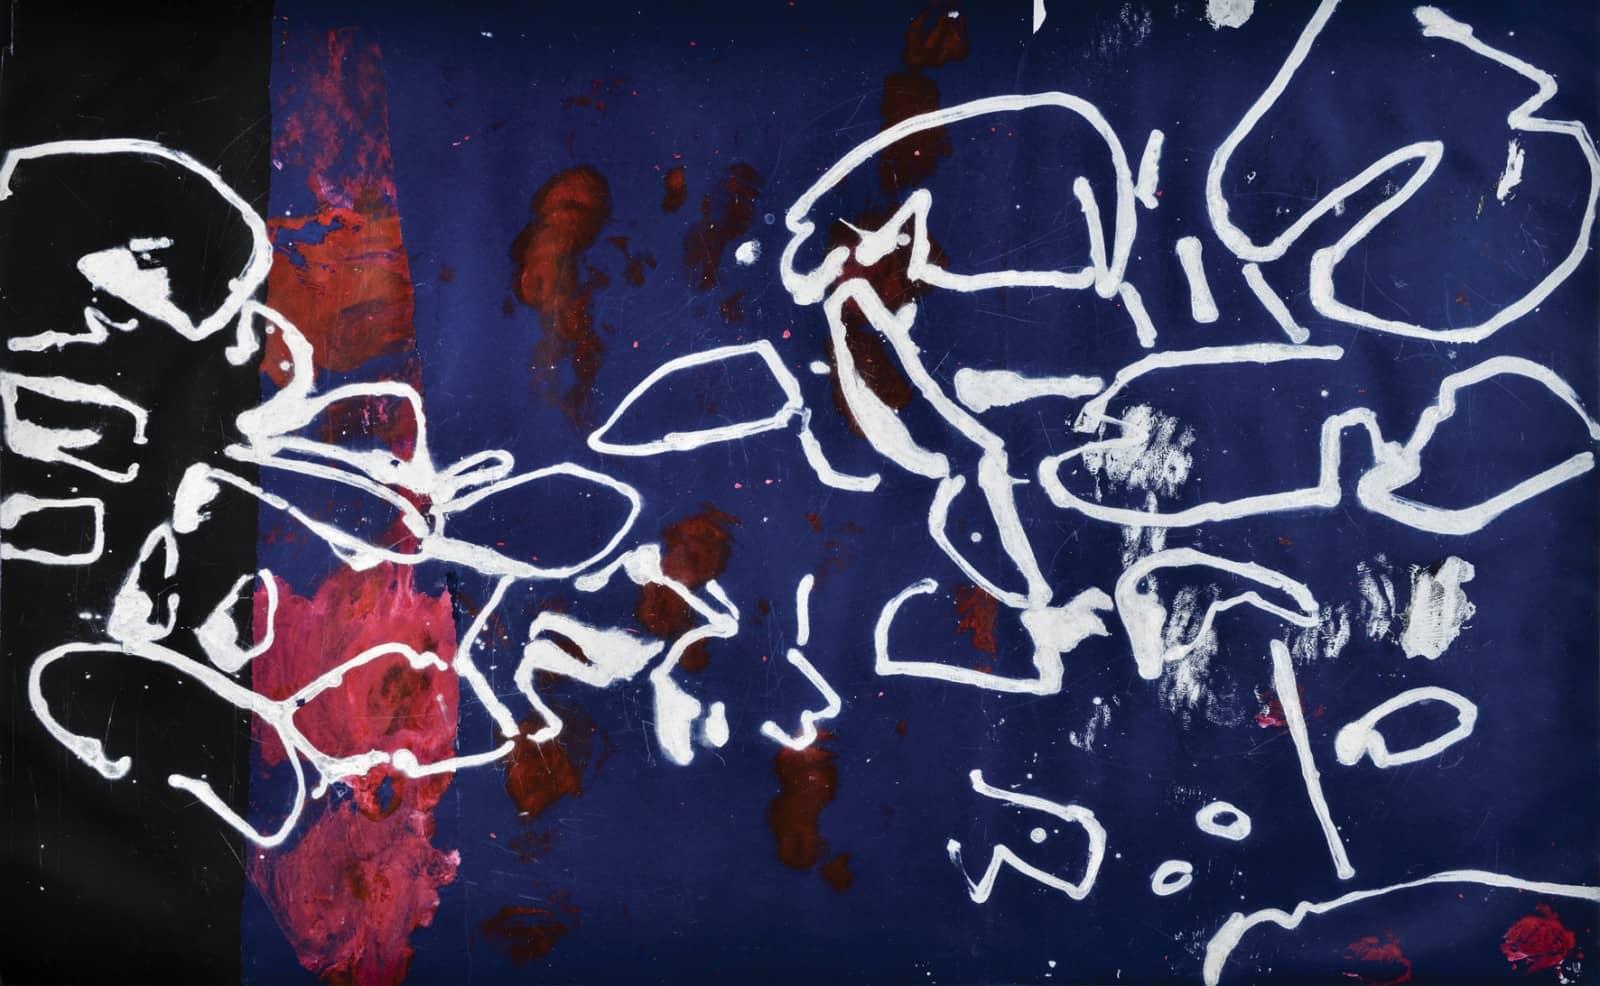 albicocco-stampatori-d-arte-udine-thumbnail